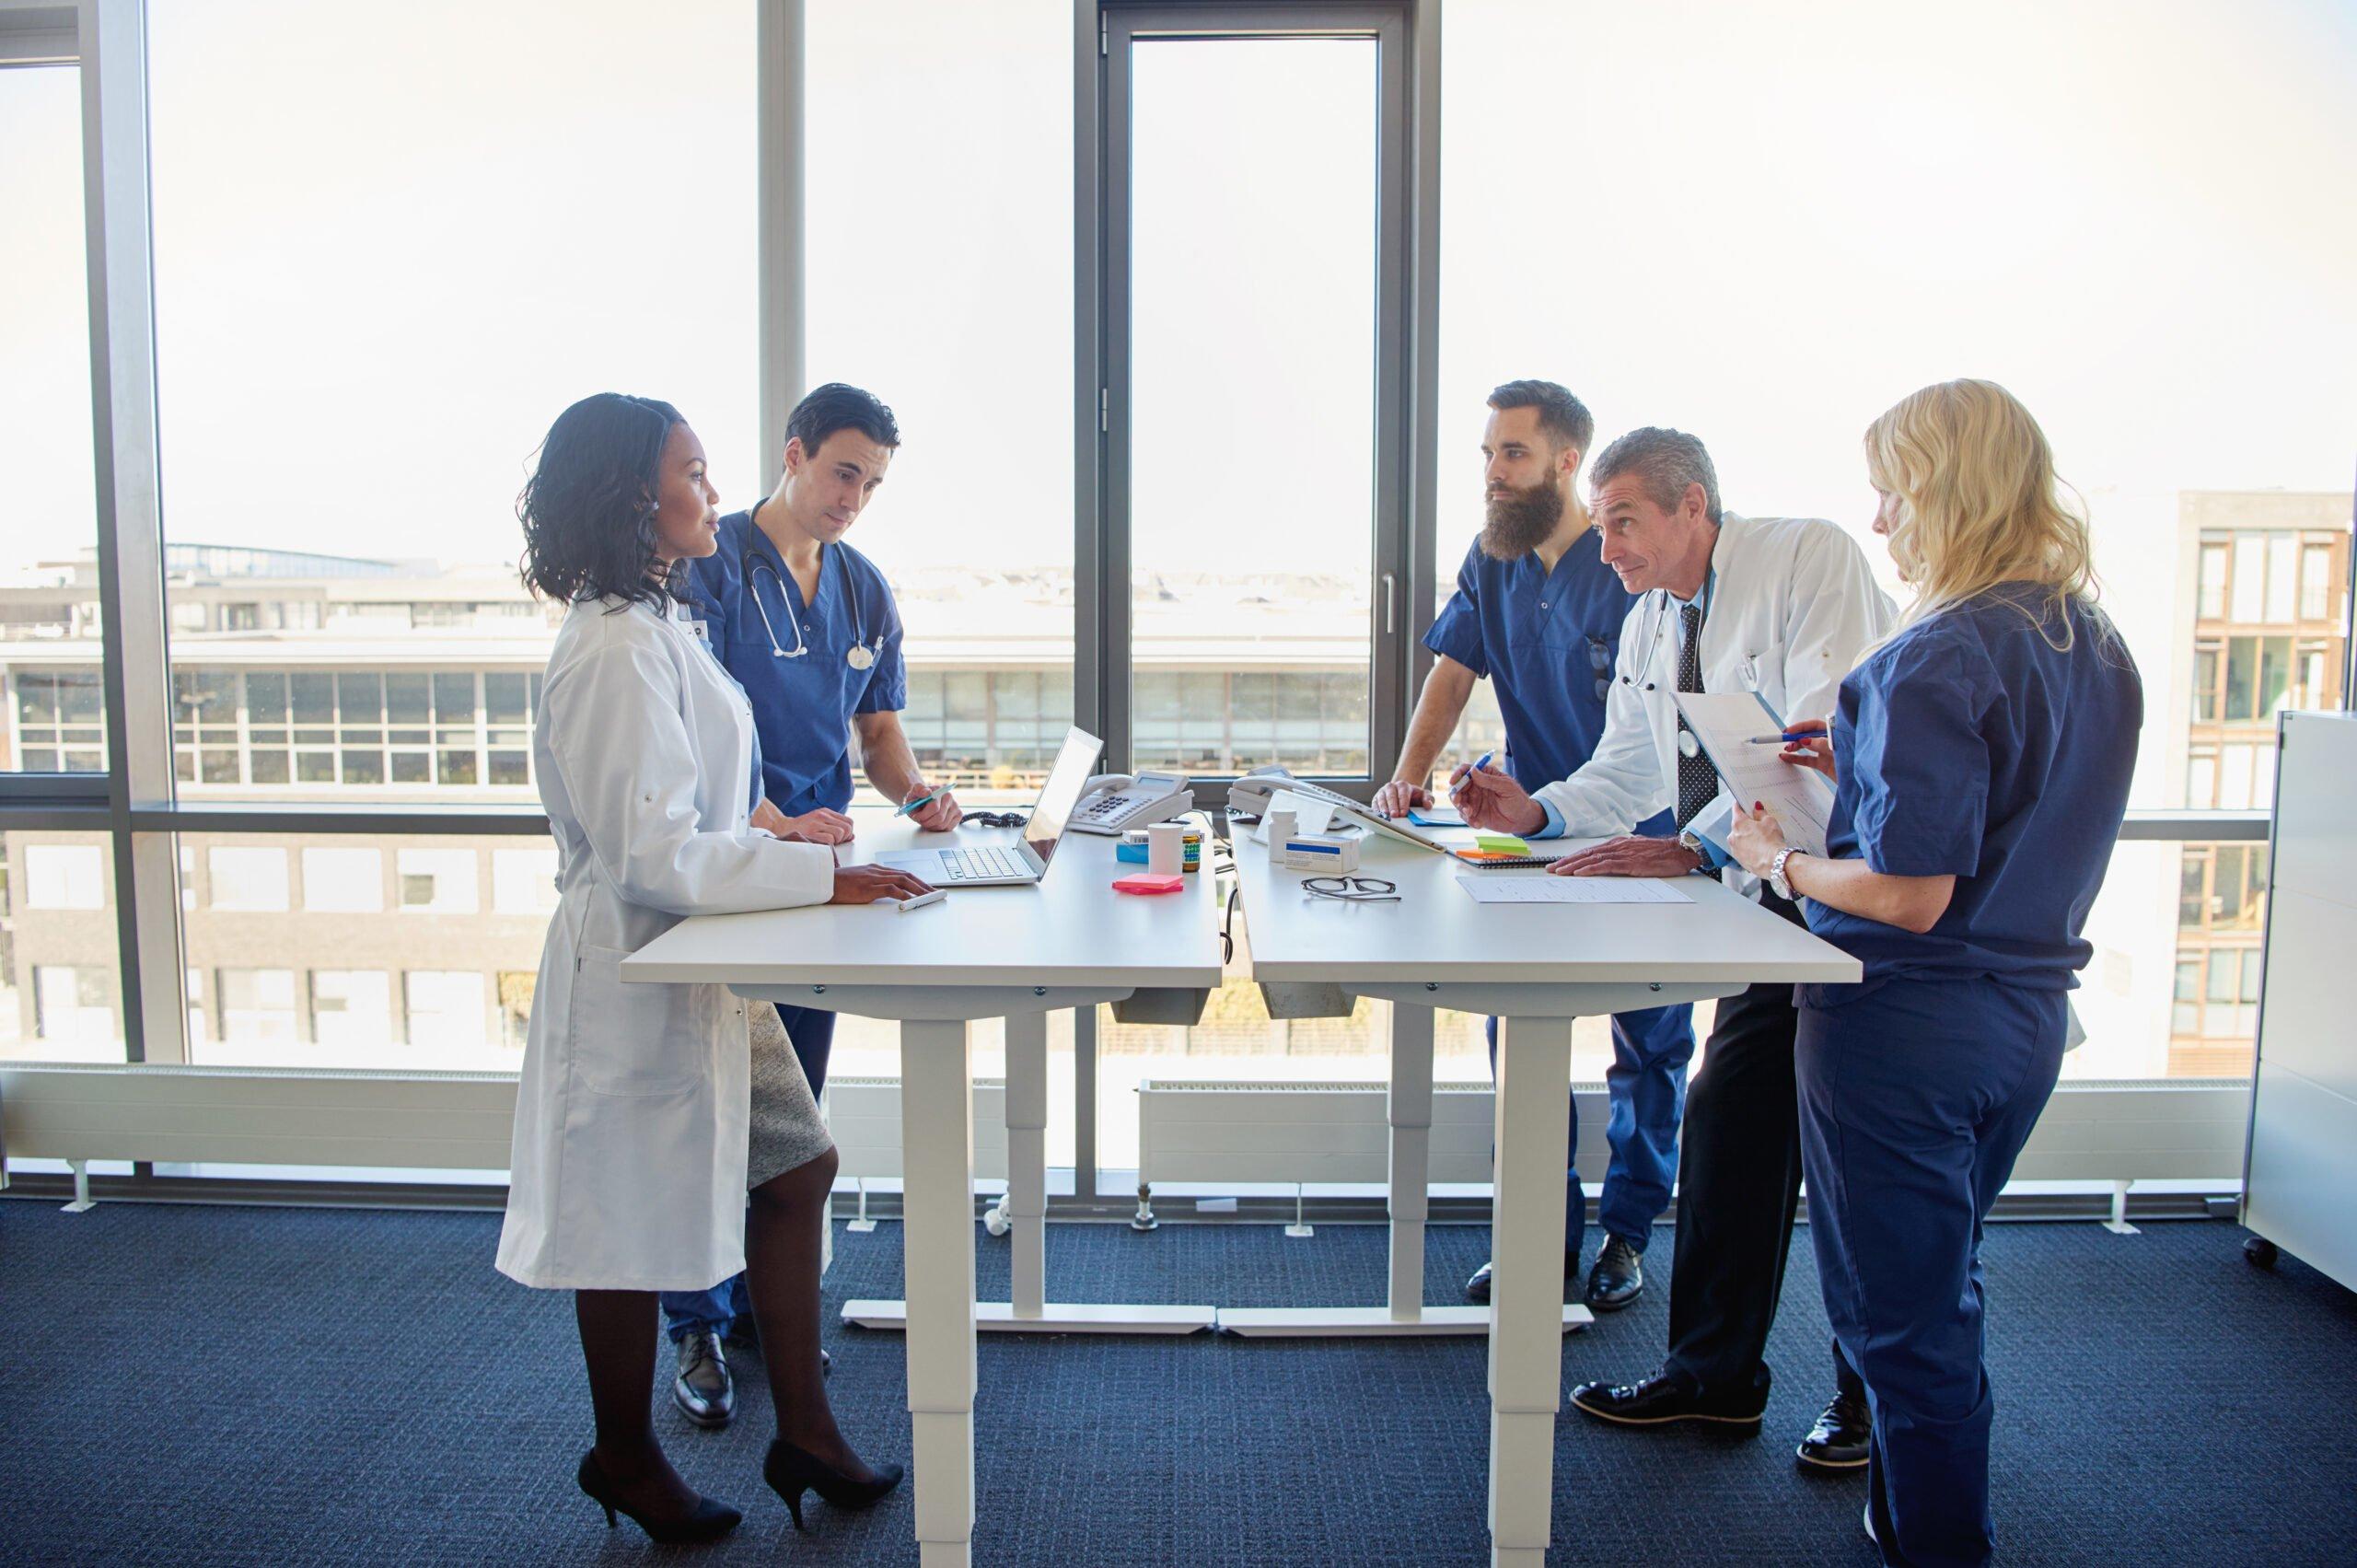 Zehn Tipps für eine effektive Praxisanleitung